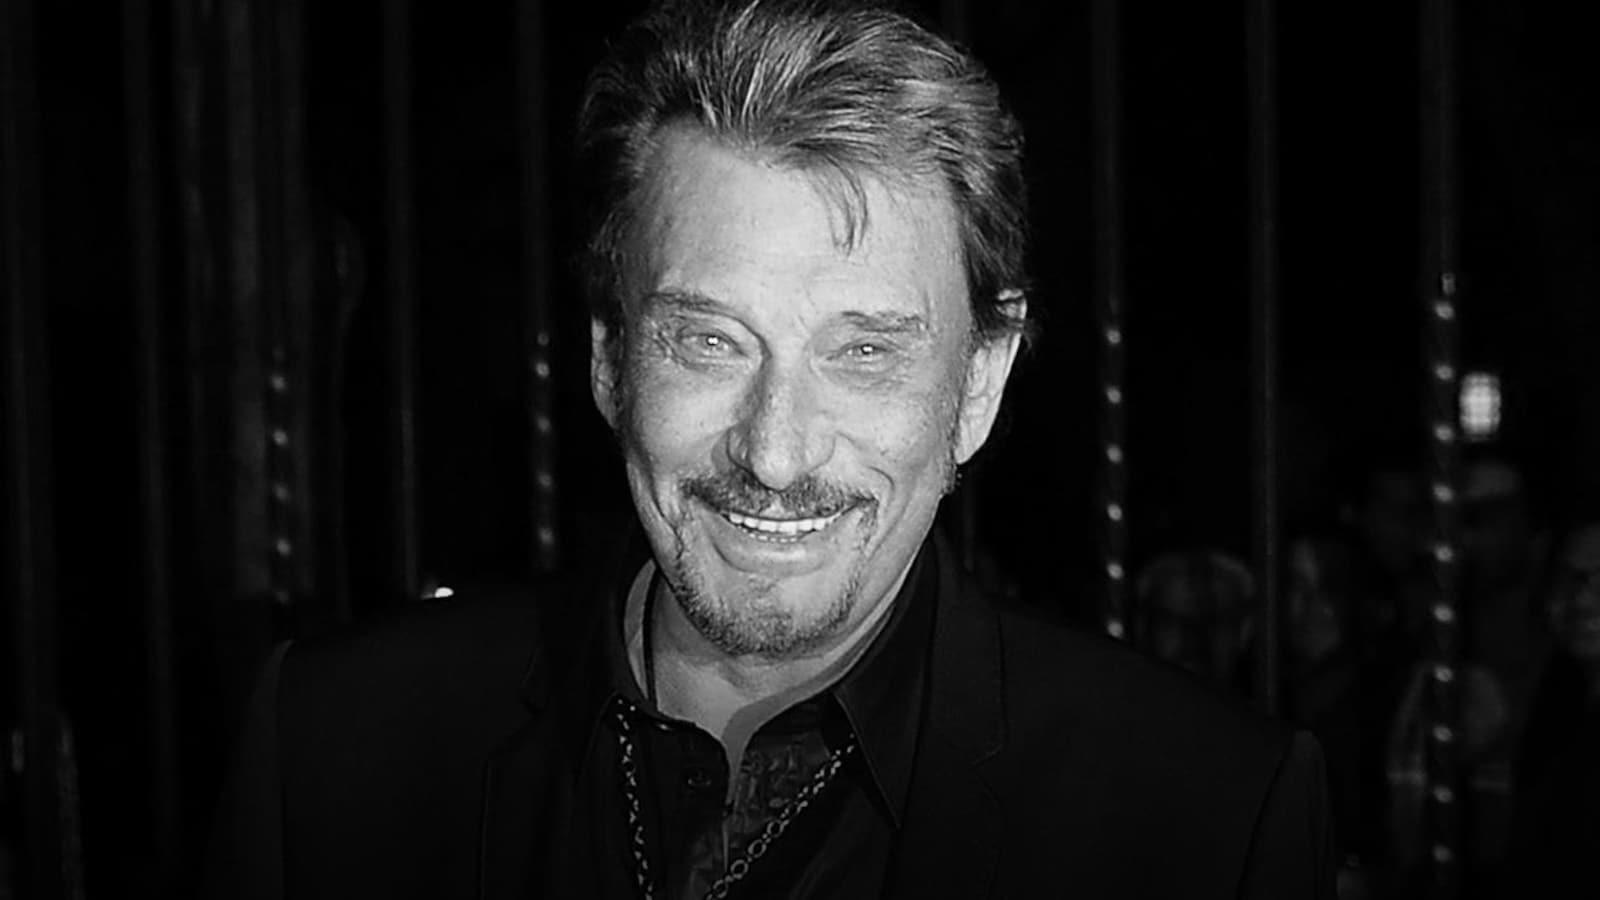 Une photo en noir et blanc du chanteur qui sourit